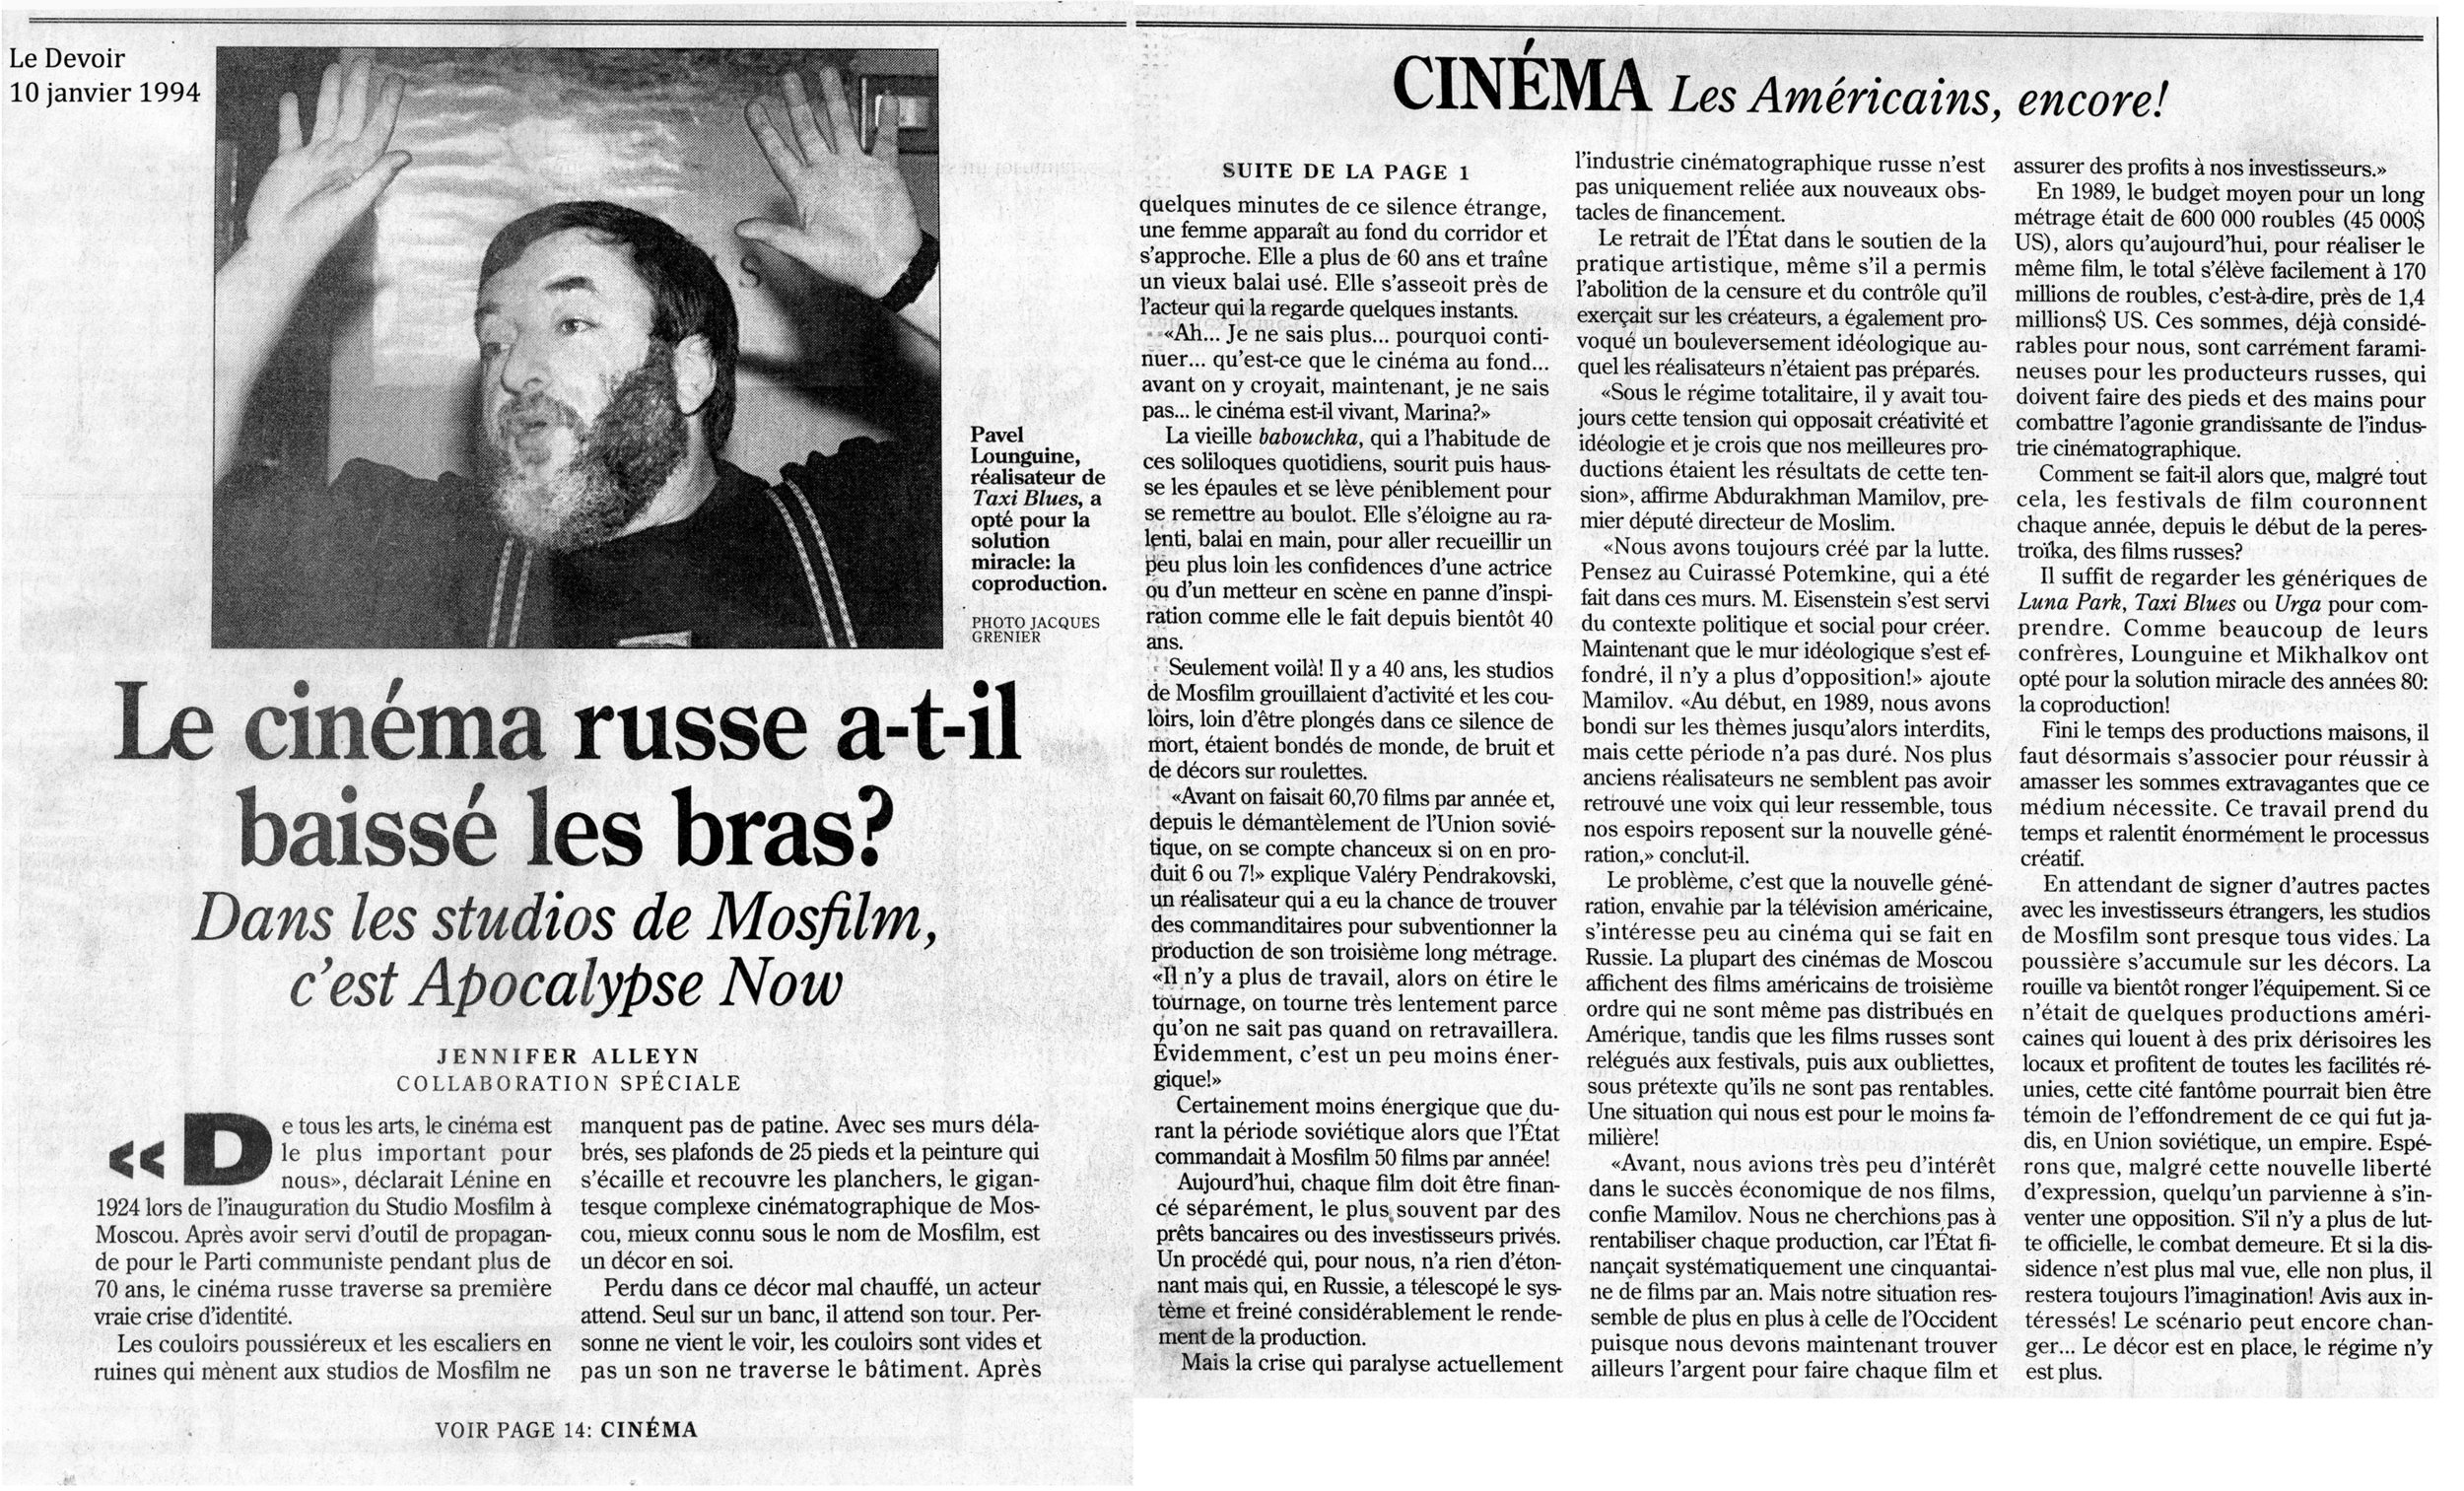 Le cinema russe atil baissé les bras.jpg